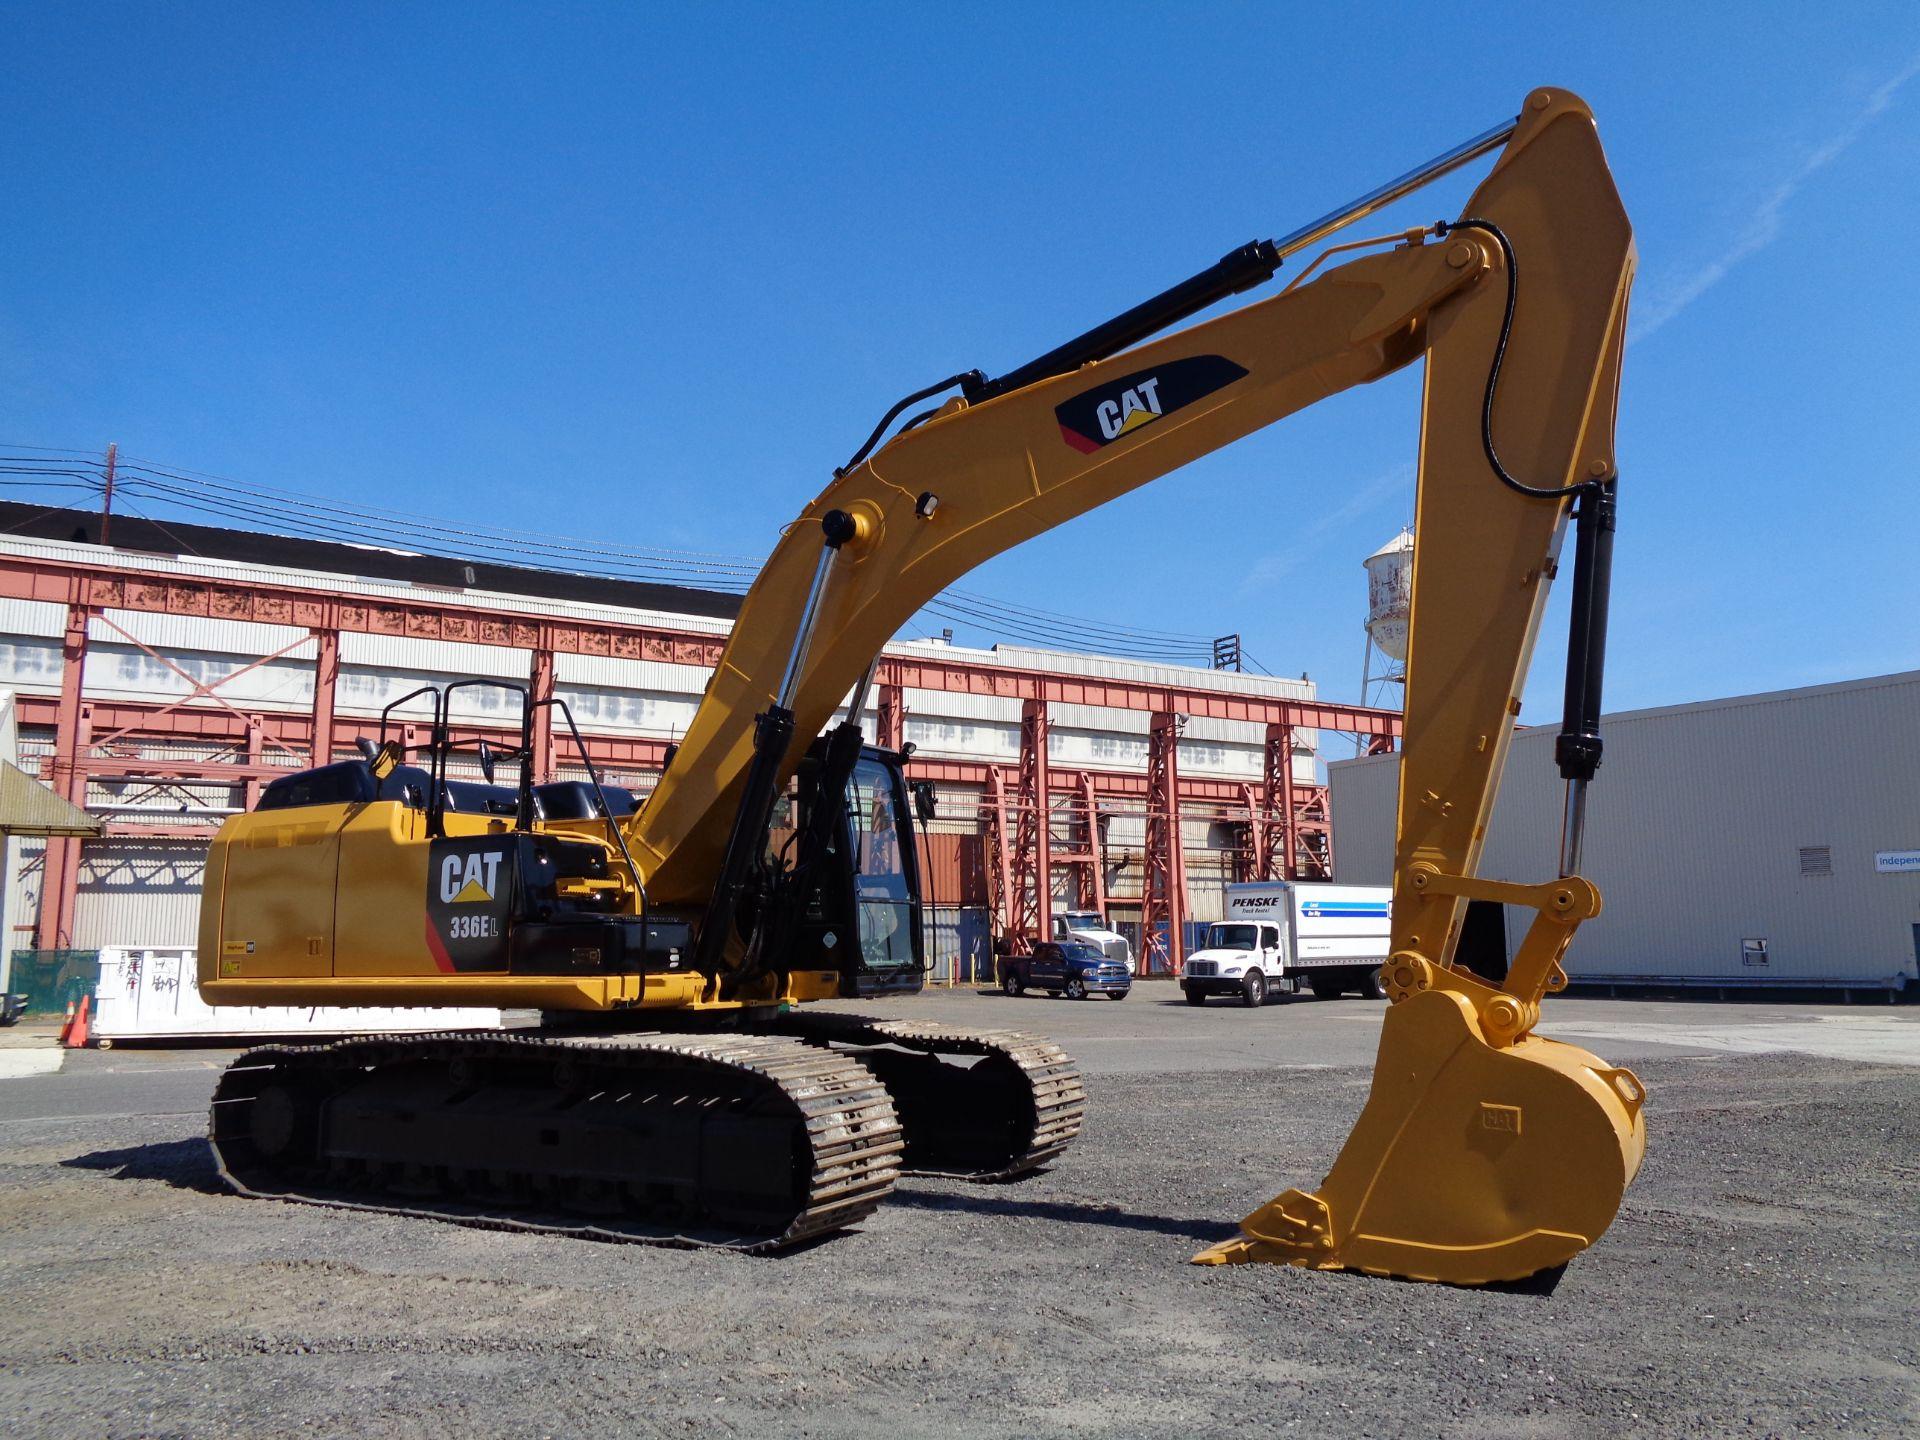 Lot 18 - 2013 Caterpillar 336ELH Hydraulic Excavator